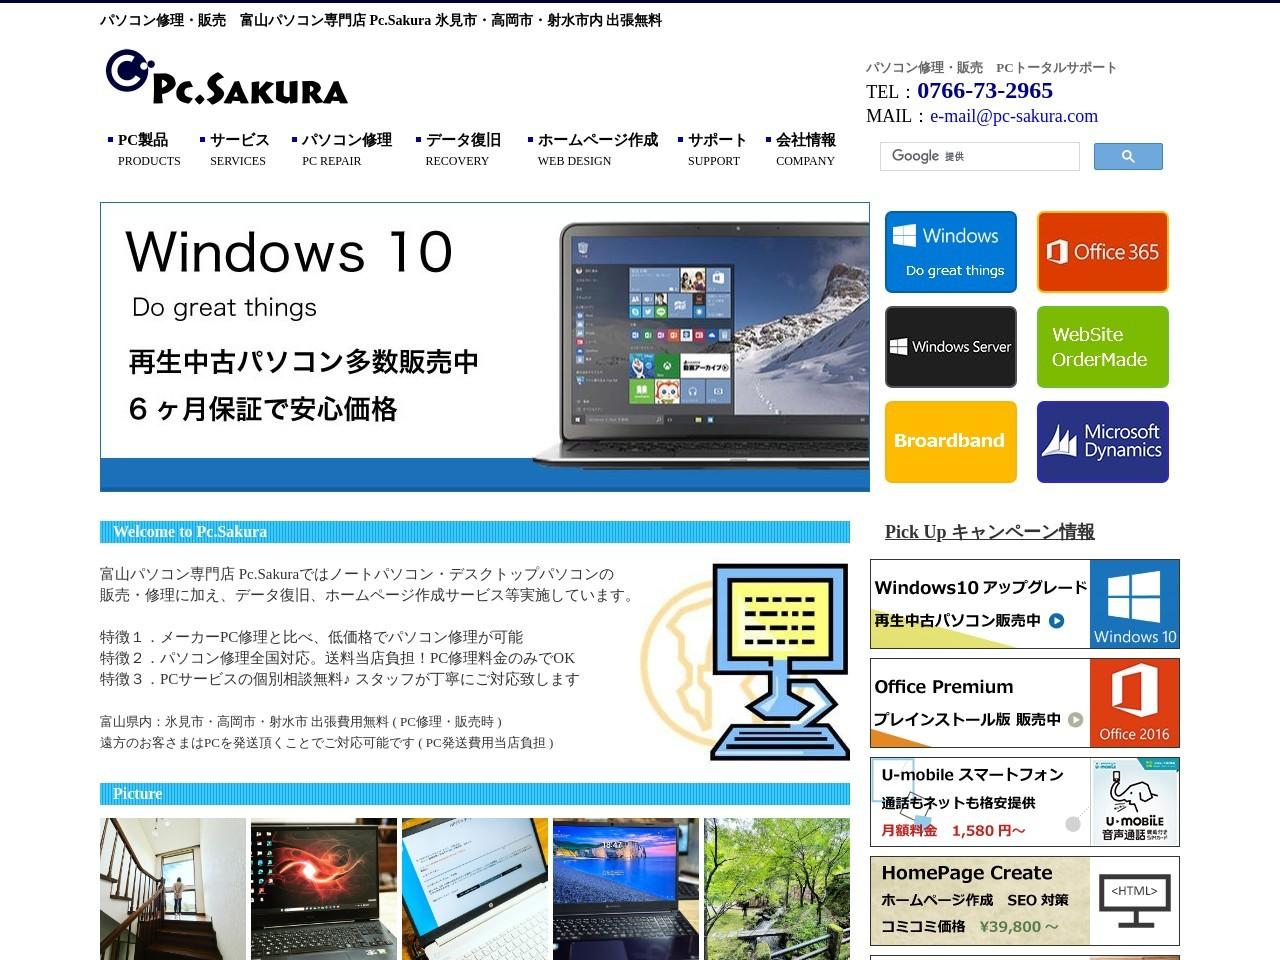 ワンズテクノロジー株式会社Pc.Sakura